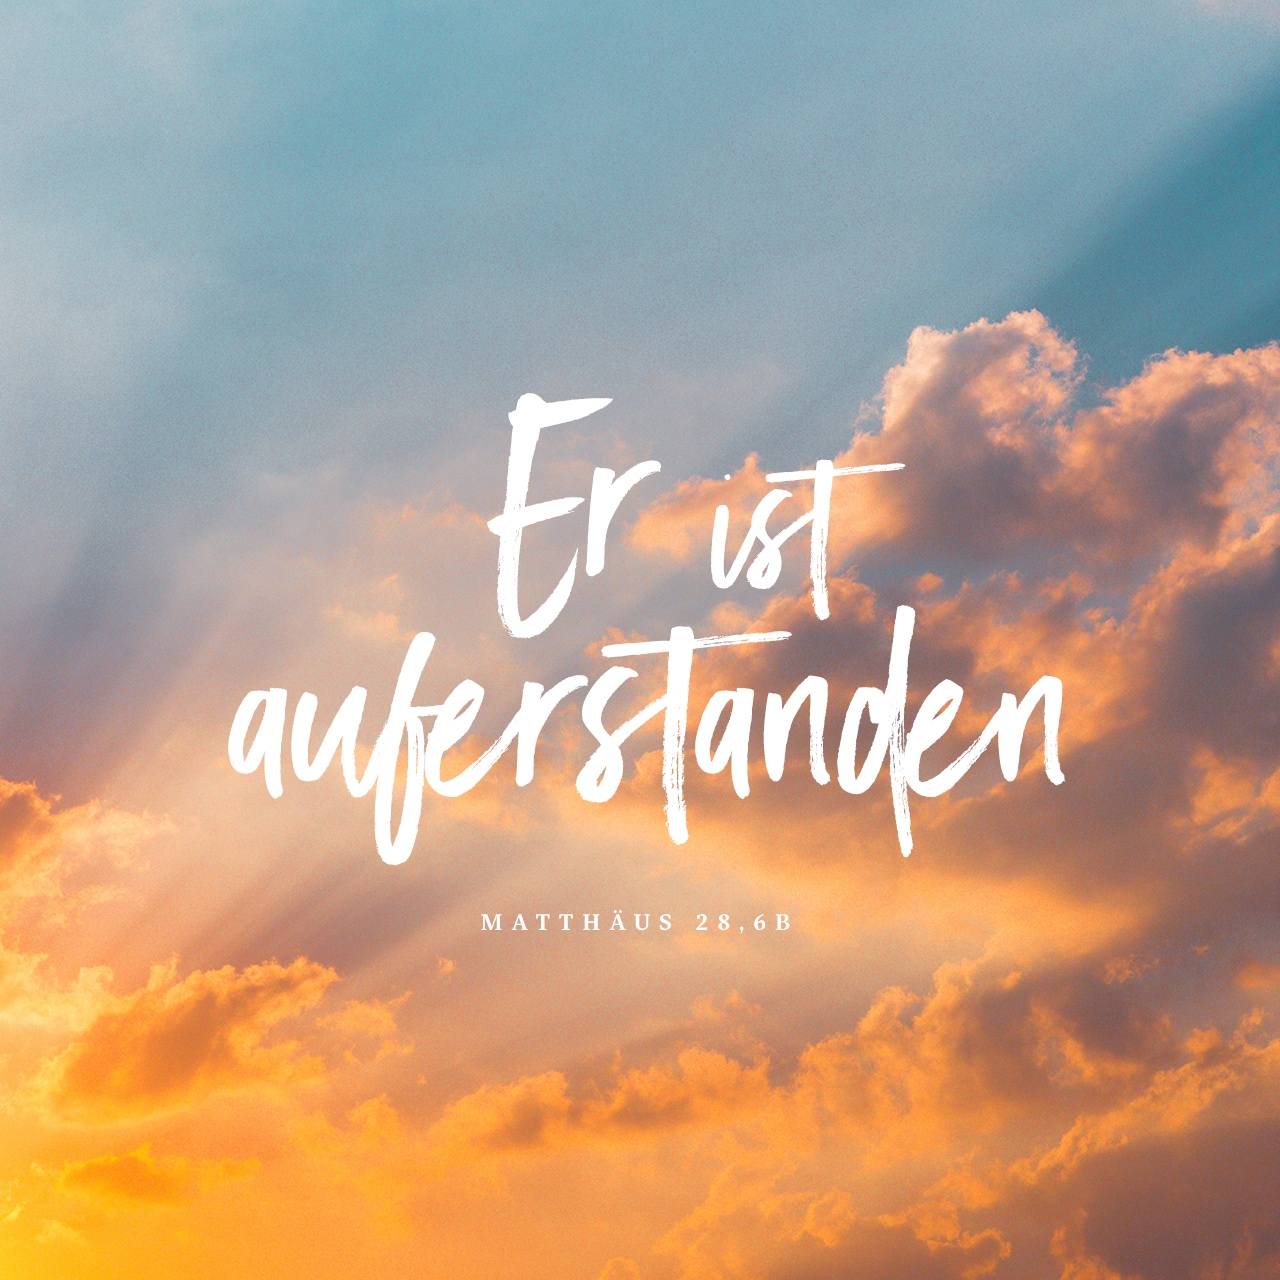 Versbild: Matthäus 28,6